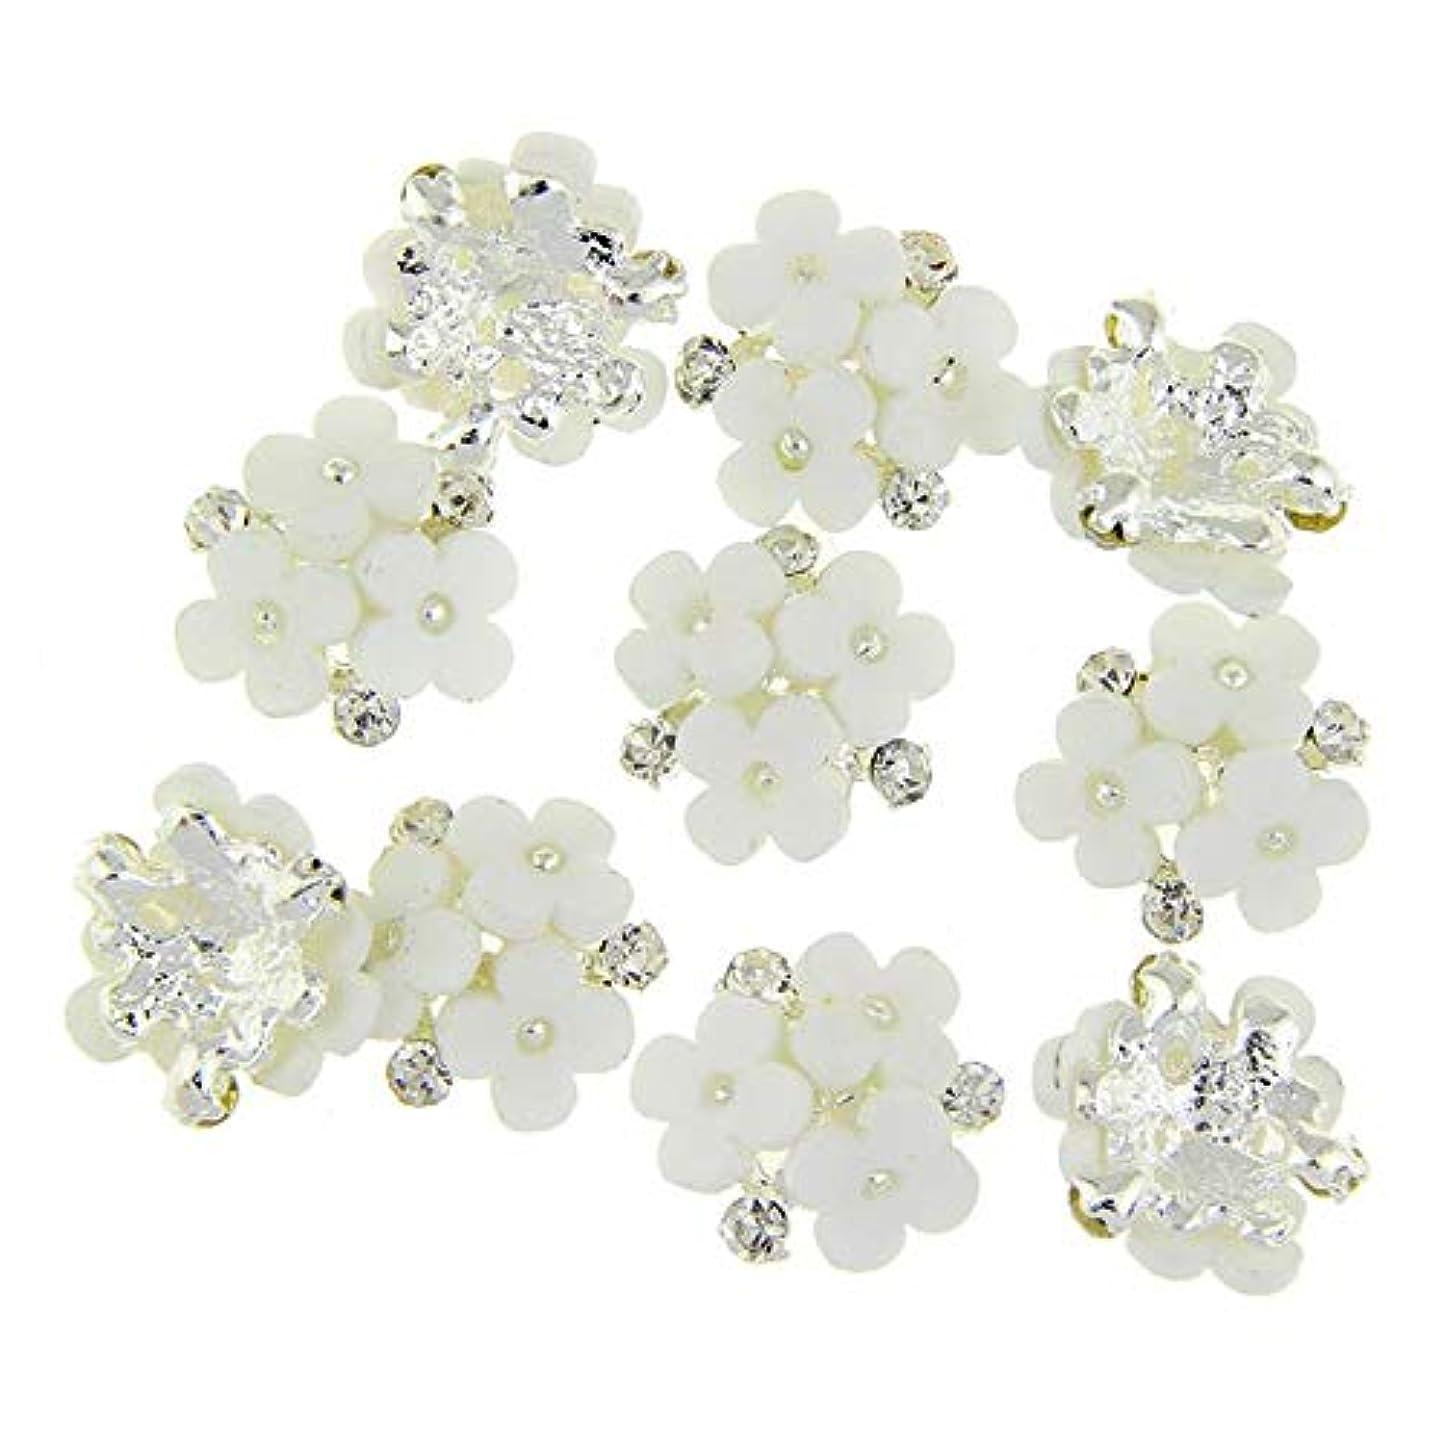 チャータースクレーパー笑いネイルズ3D花銀合金チャーム用10個/ロット三花柄ラインストーンは、アートの装飾ネイル